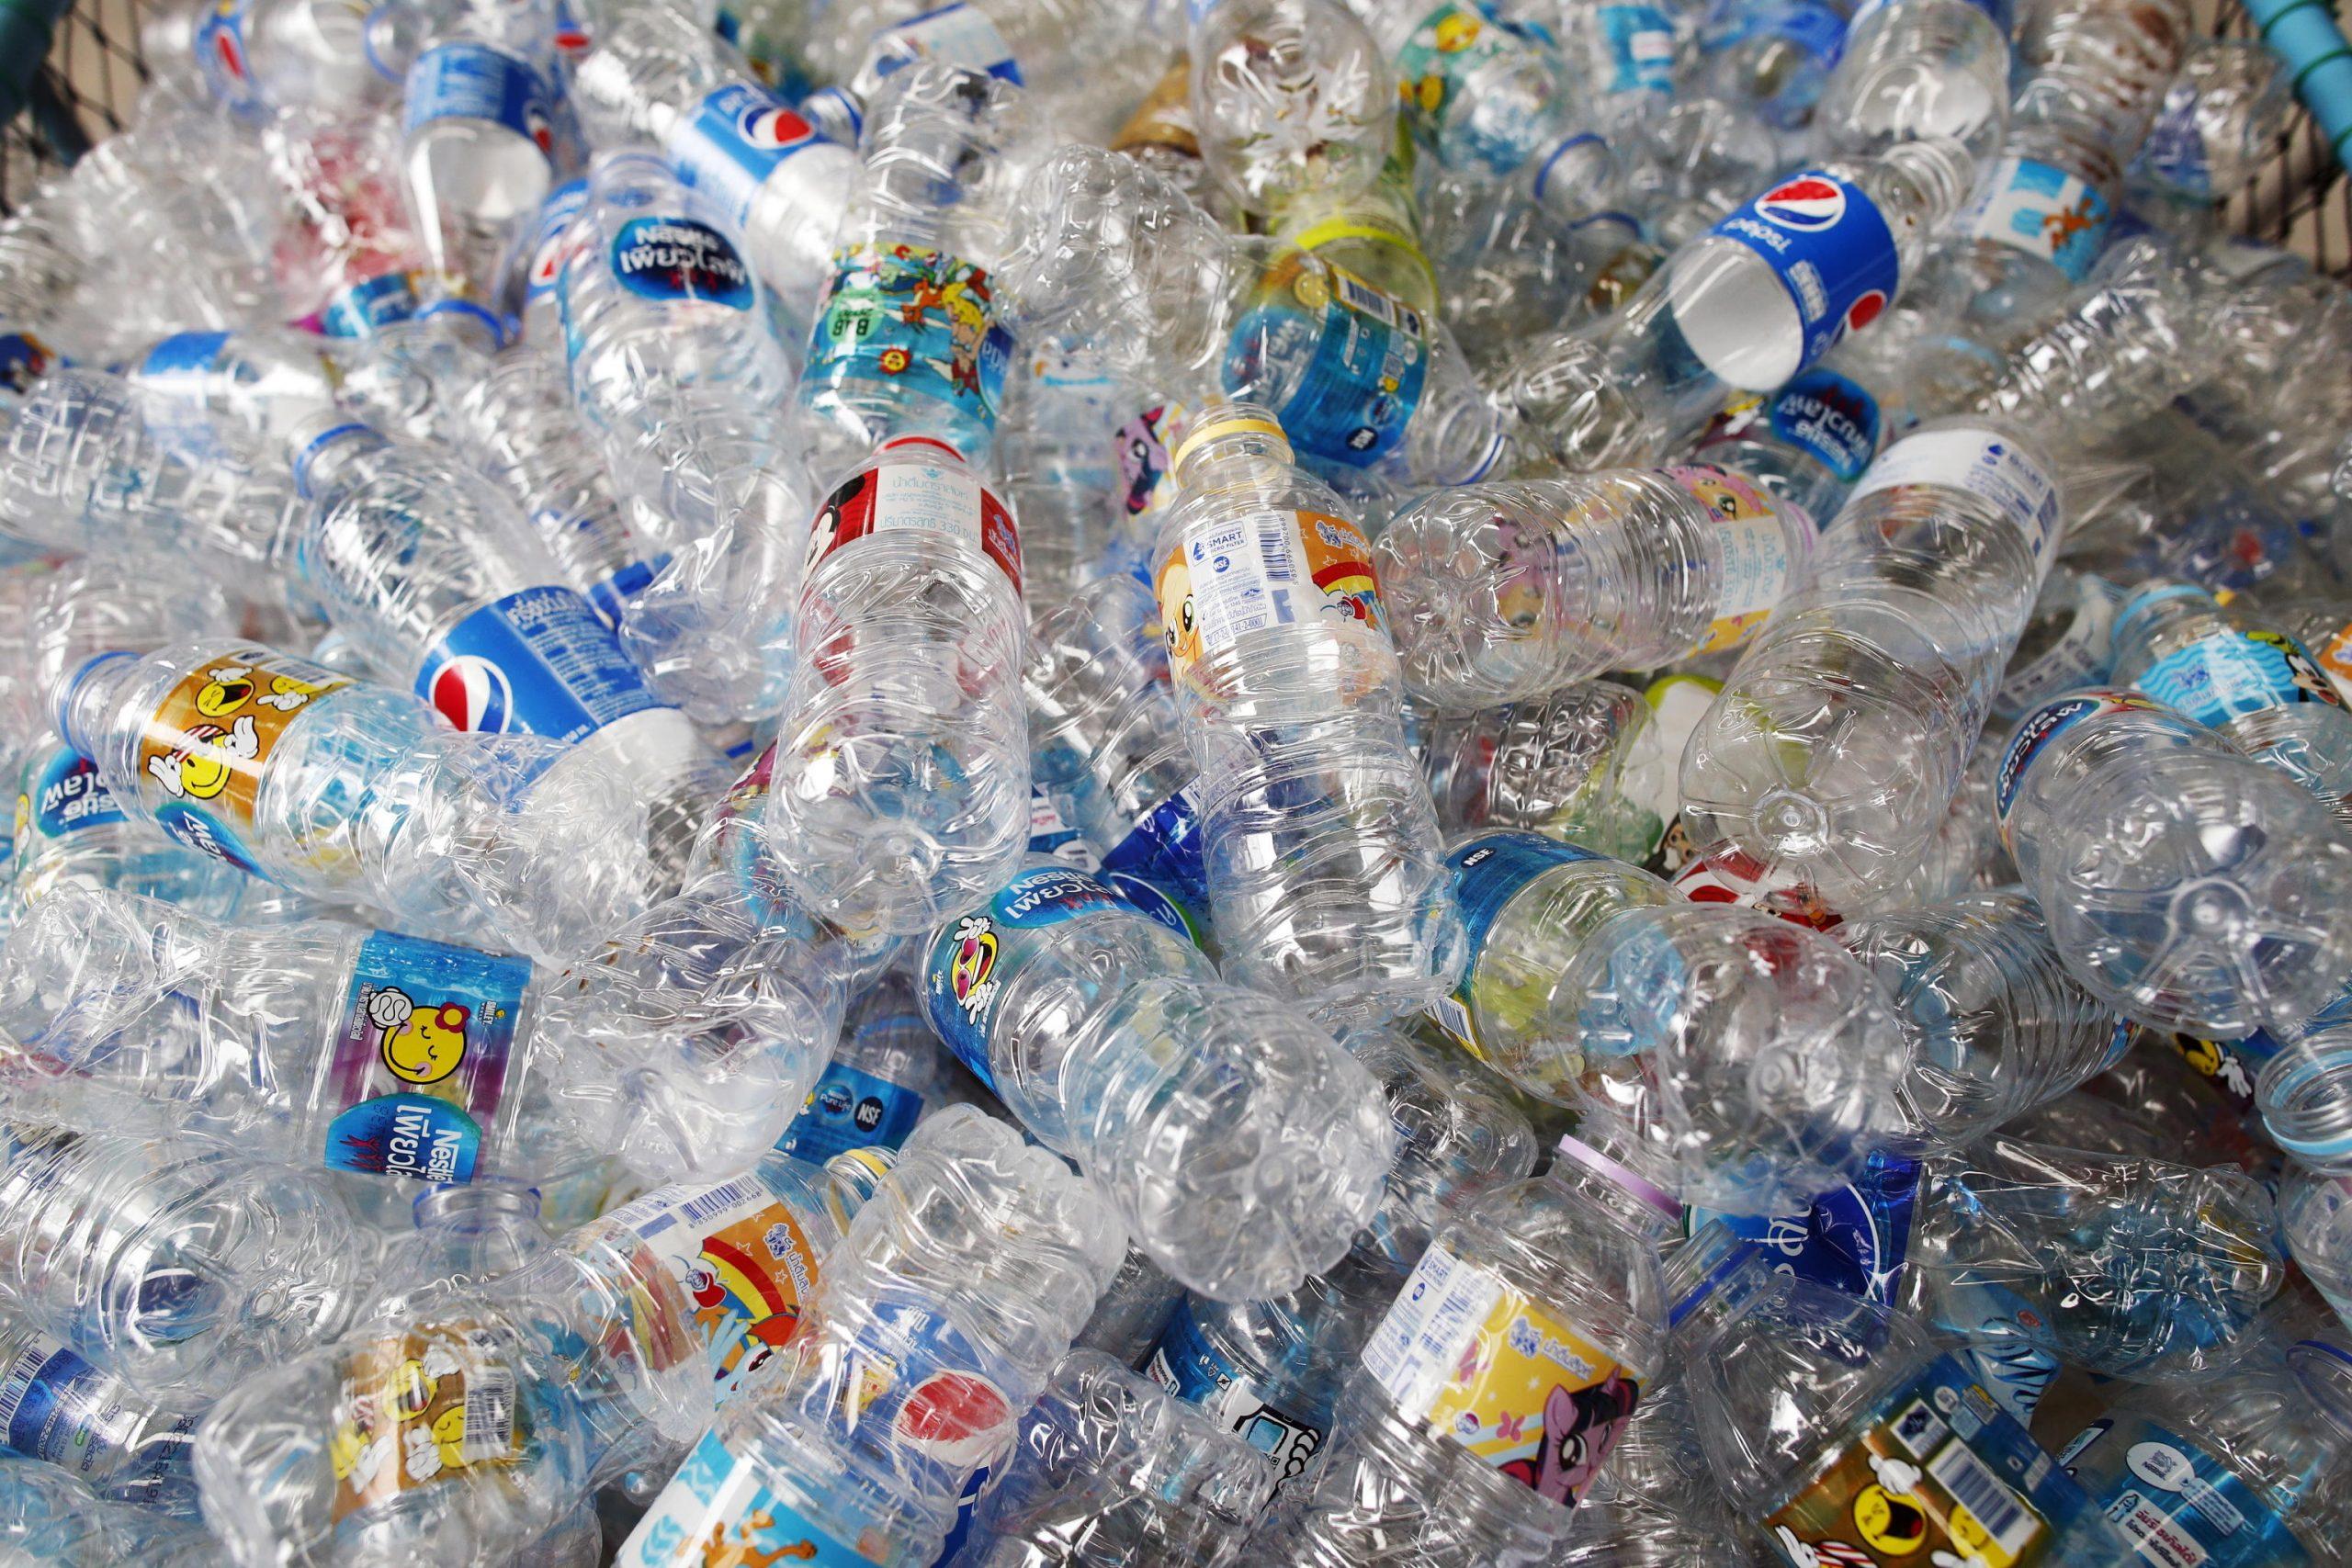 Un altro rinvio per la plastic tax, il vertice del centrodestra, l'andamento della pandemia e le altre notizie della giornata